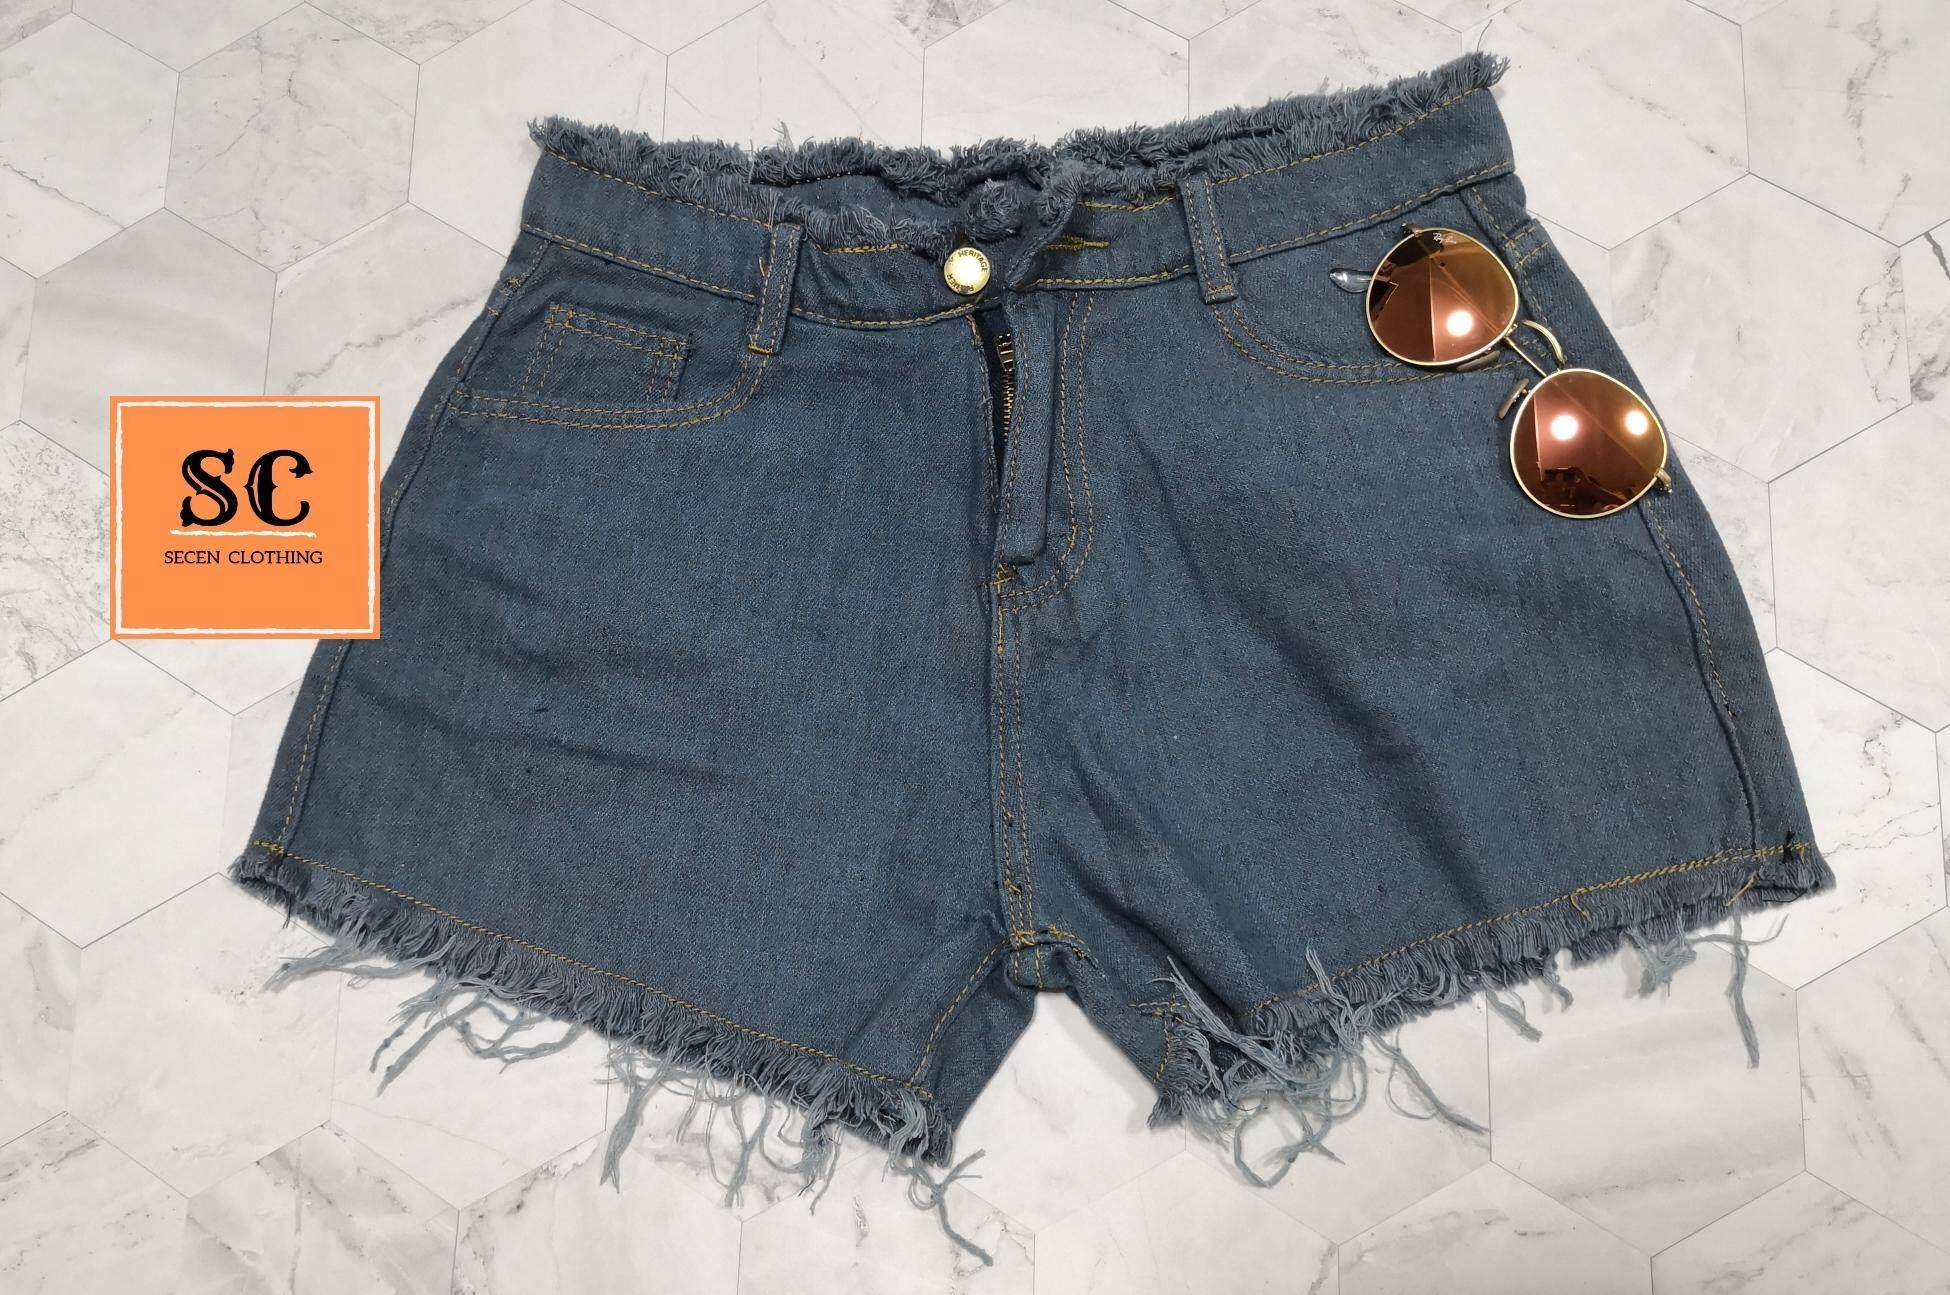 ขายดีมาก! SECEN STYLE - กางเกงยีนส์ขาสั้น แฟชั่น มีเก็บเงินปลายทาง ส่งด่วน kerry   --พร้อมส่ง-- (รุ่น J-001)